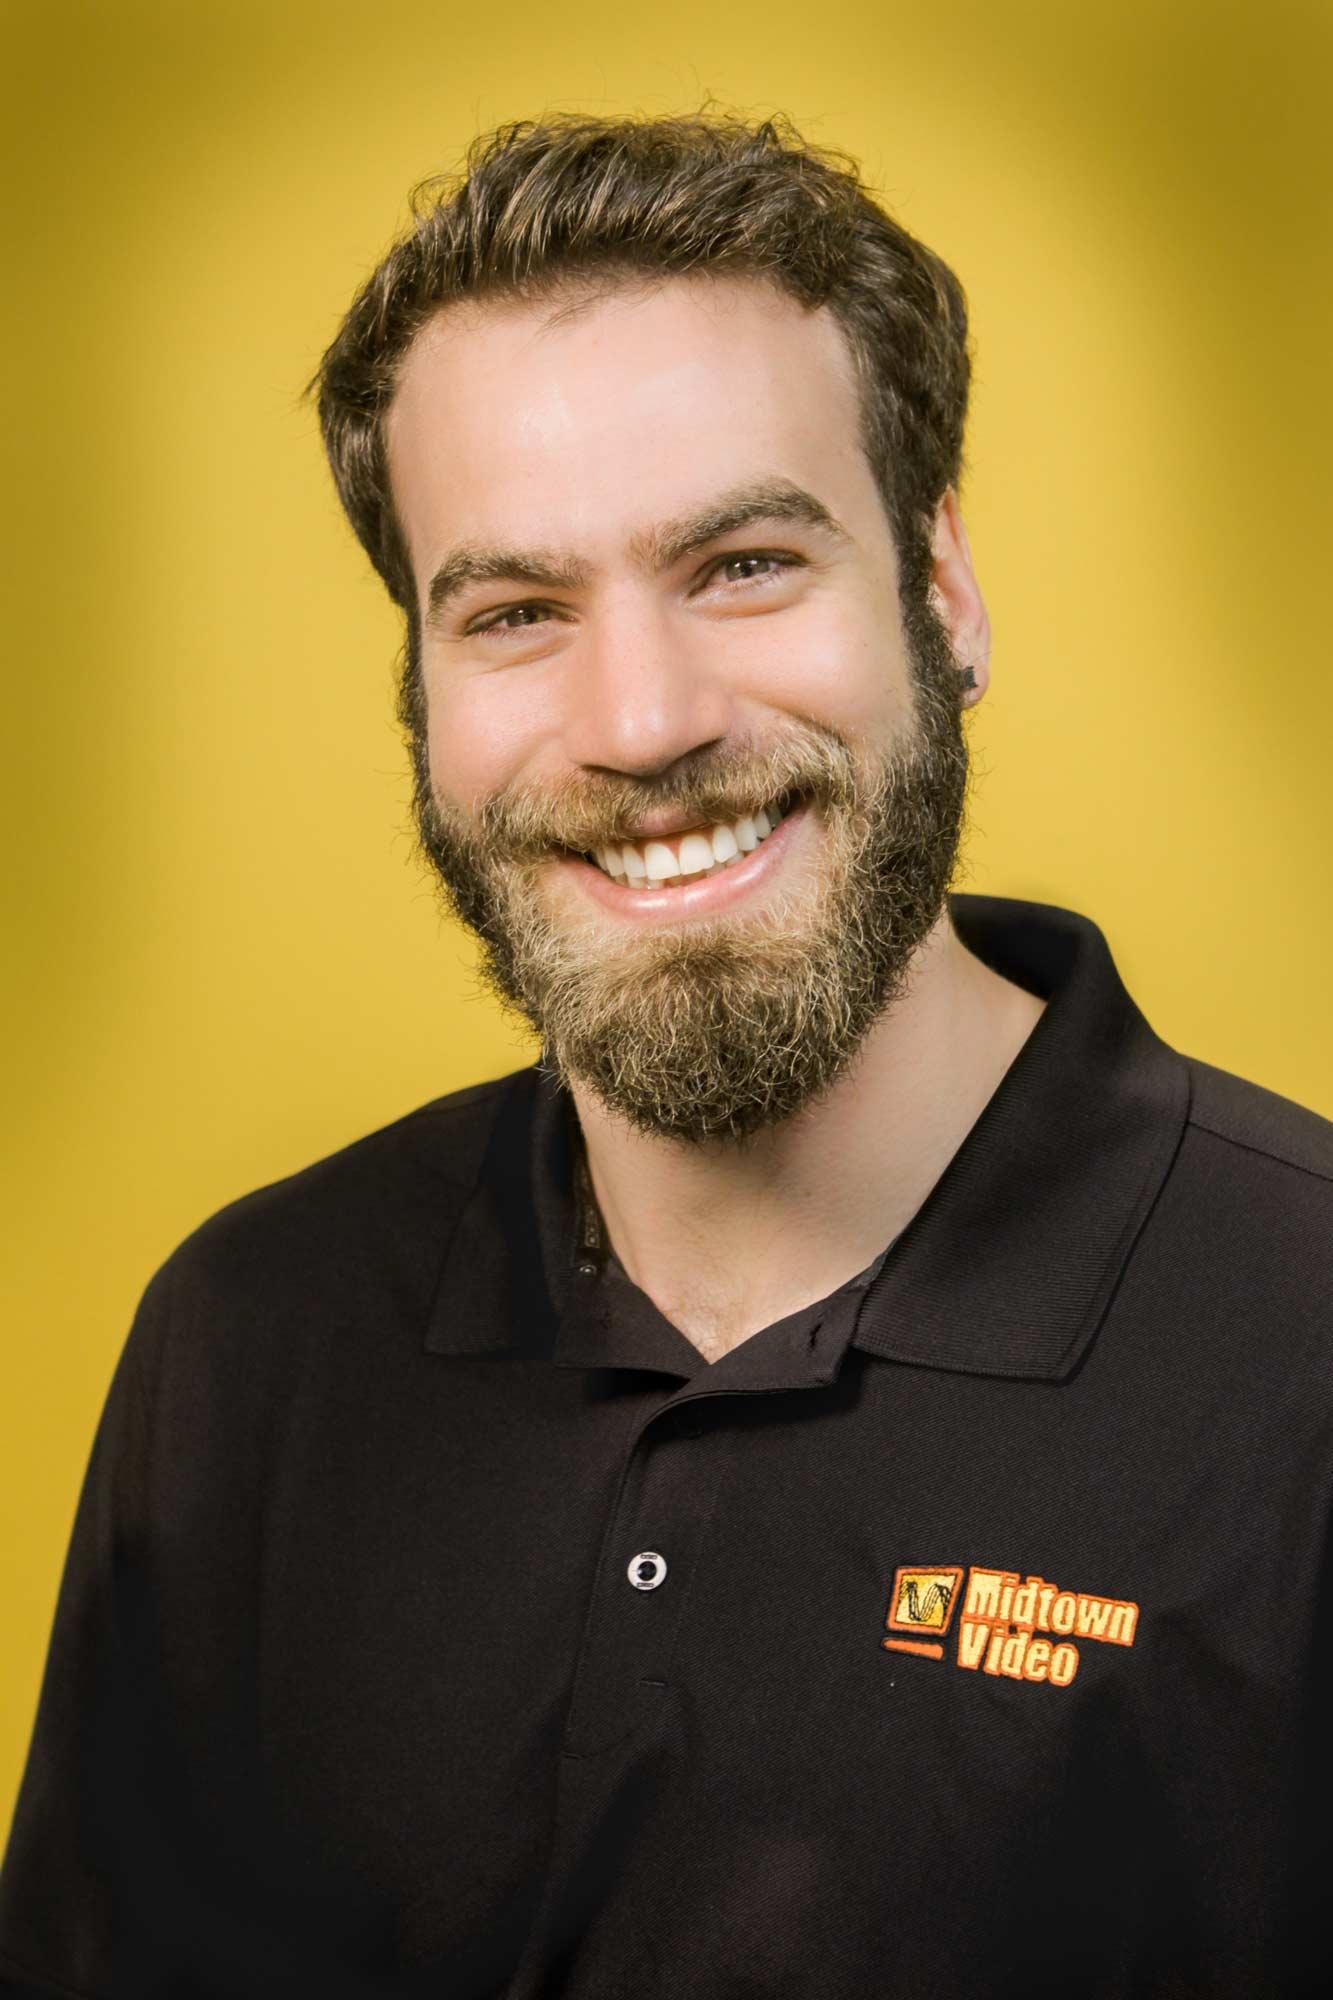 Derek Iglesias